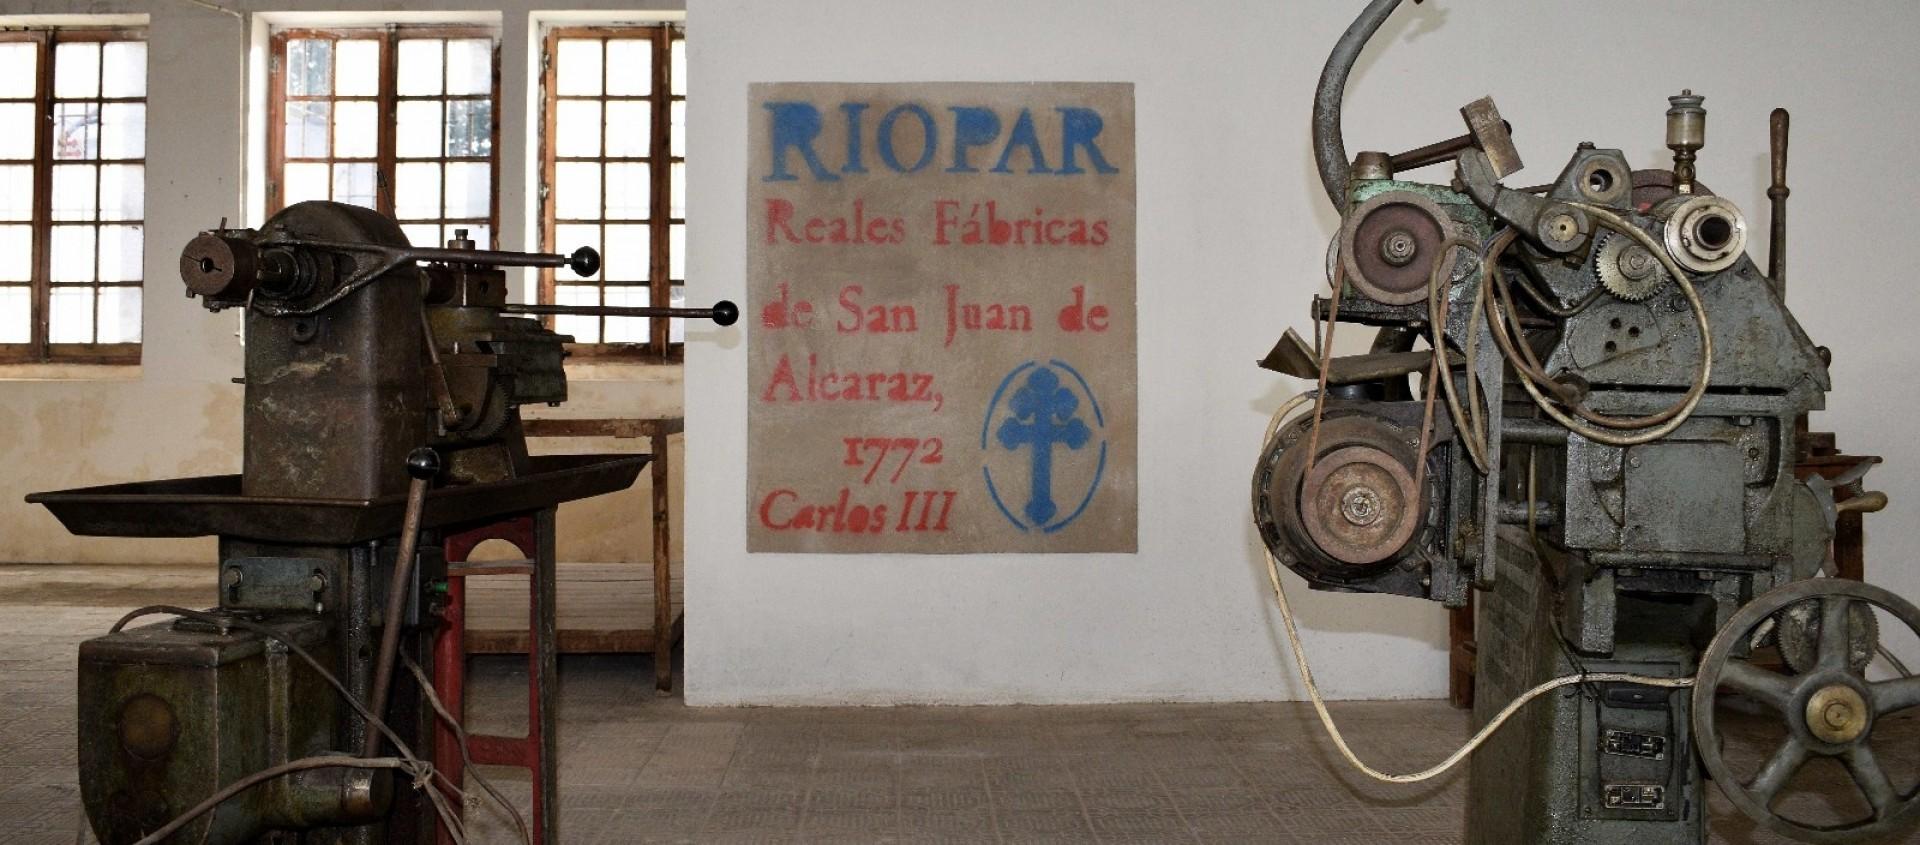 Museo de las Reales Fábricas de San Juan de Alcaraz